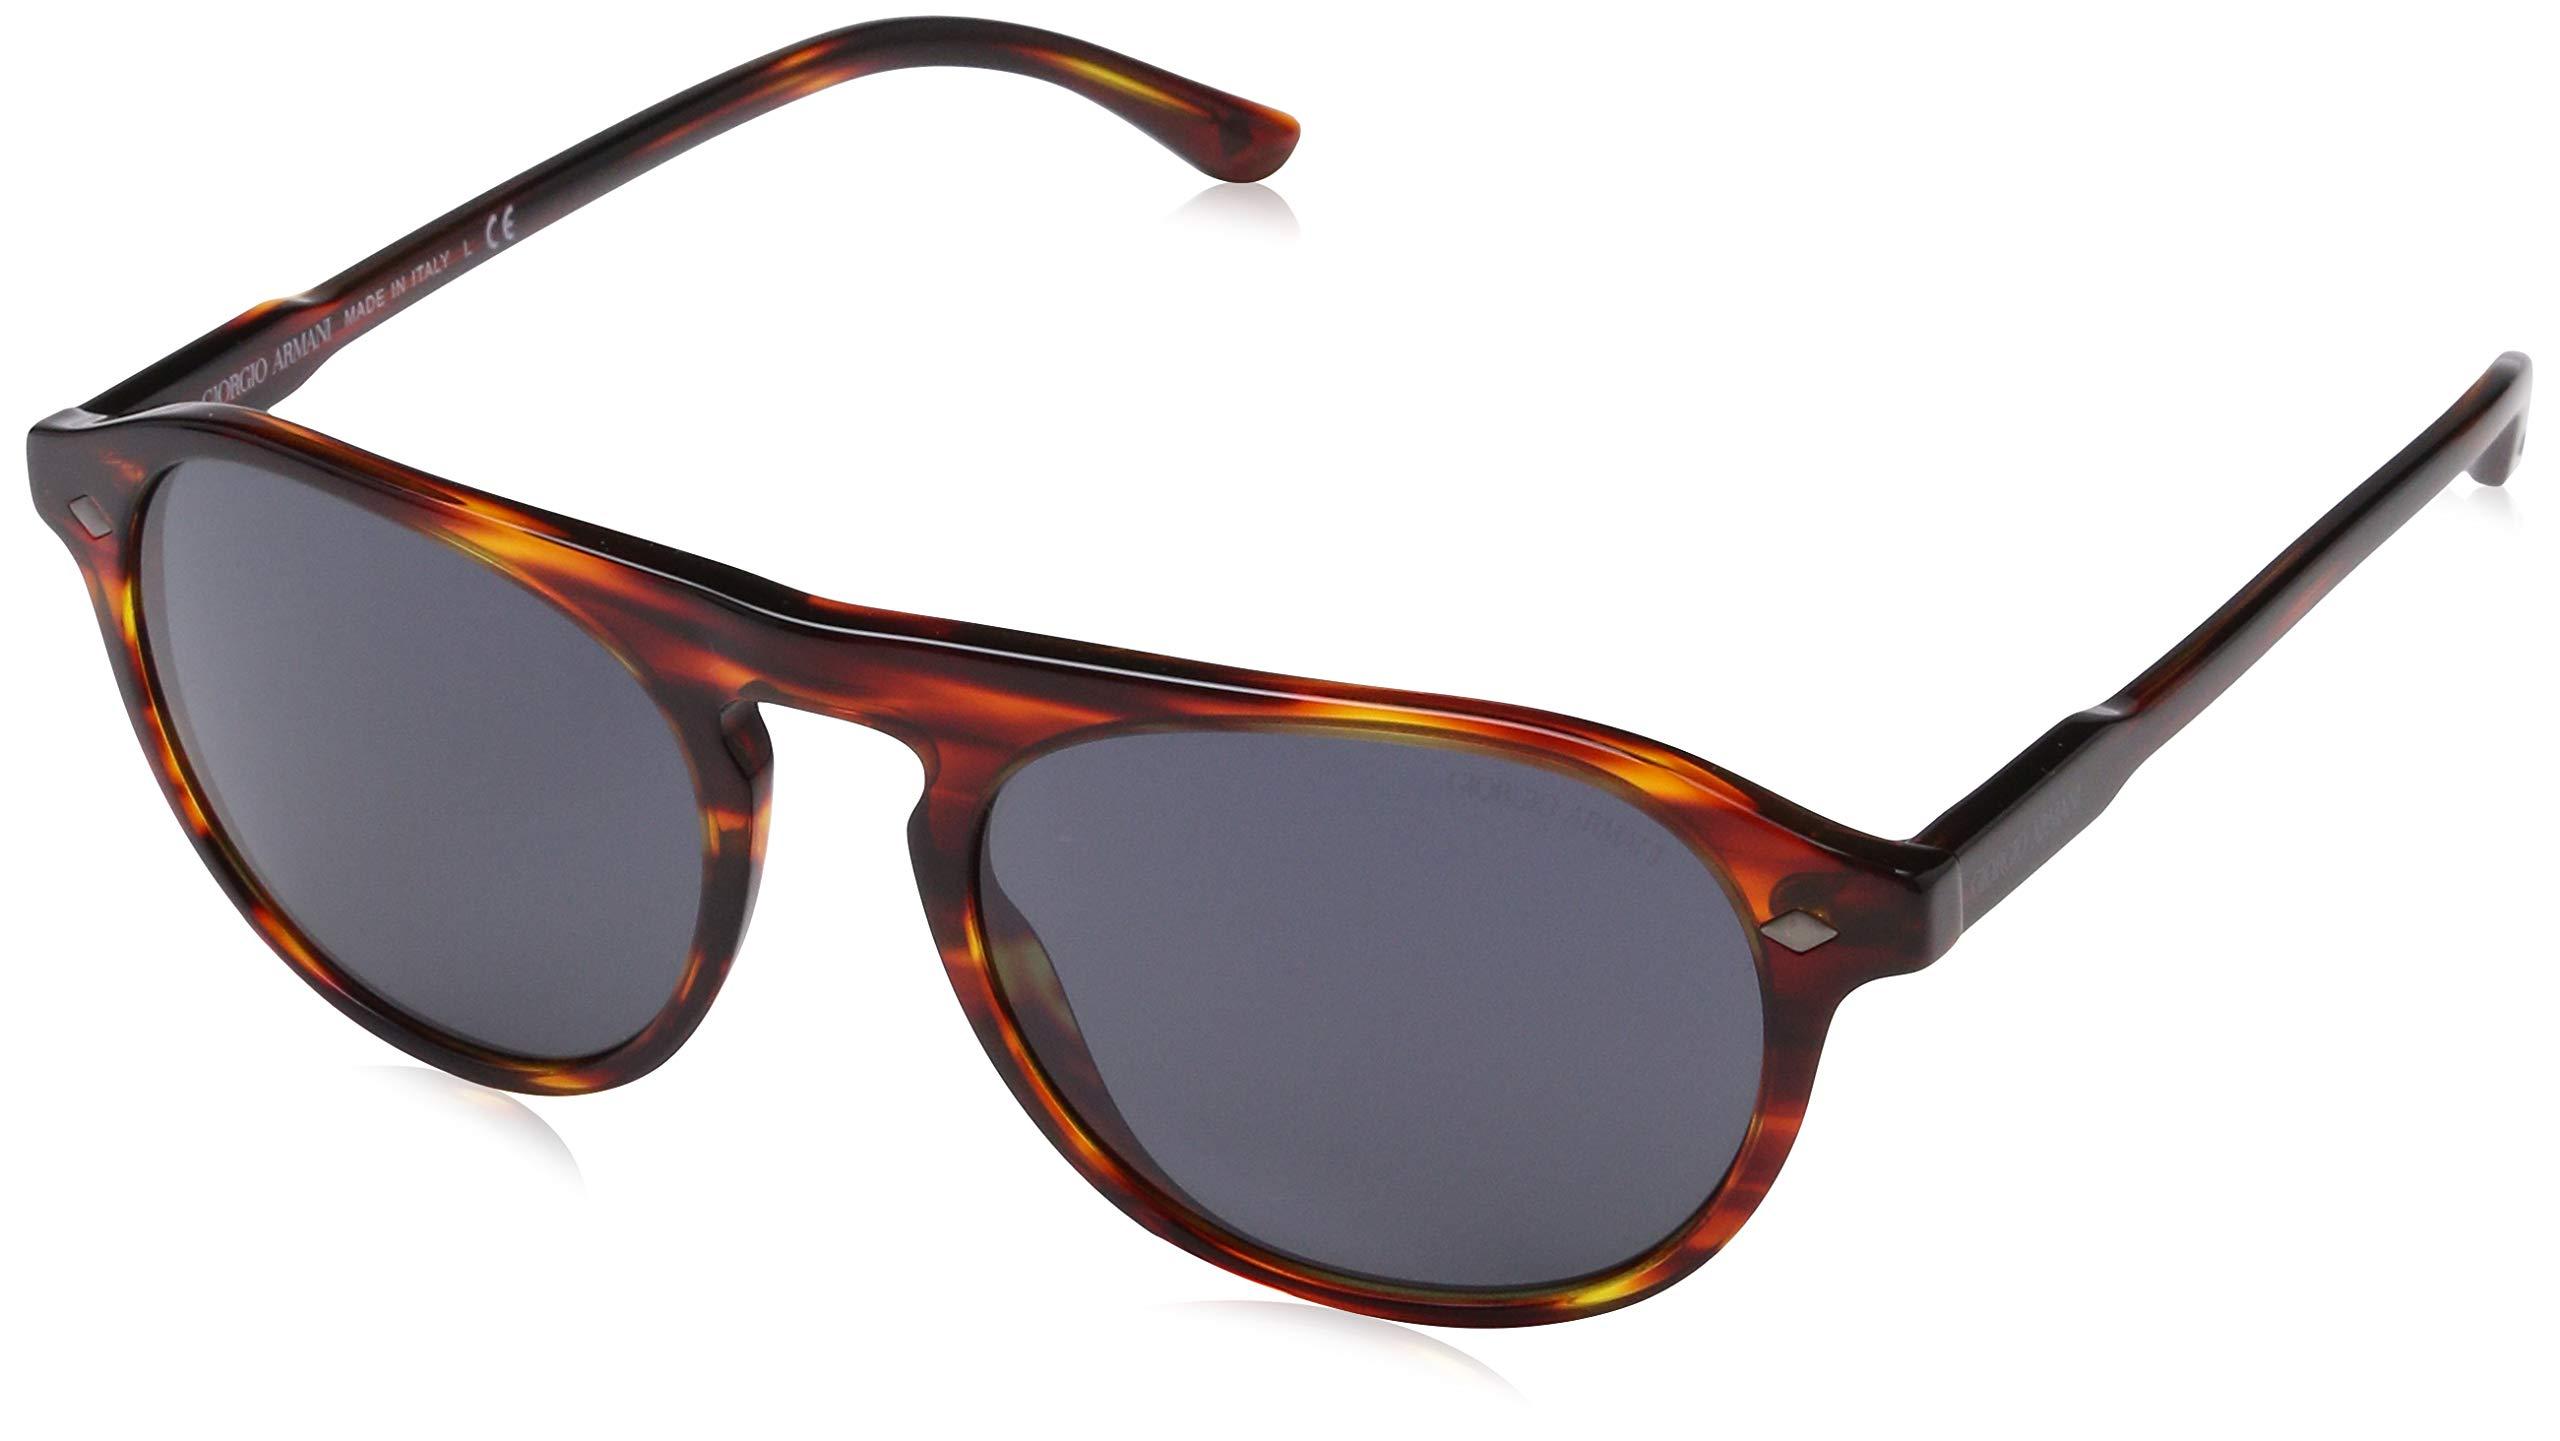 457370bbc21 Giorgio Armani Mens Sunglasses Red Blue Acetate - Non-Polarized - 53mm